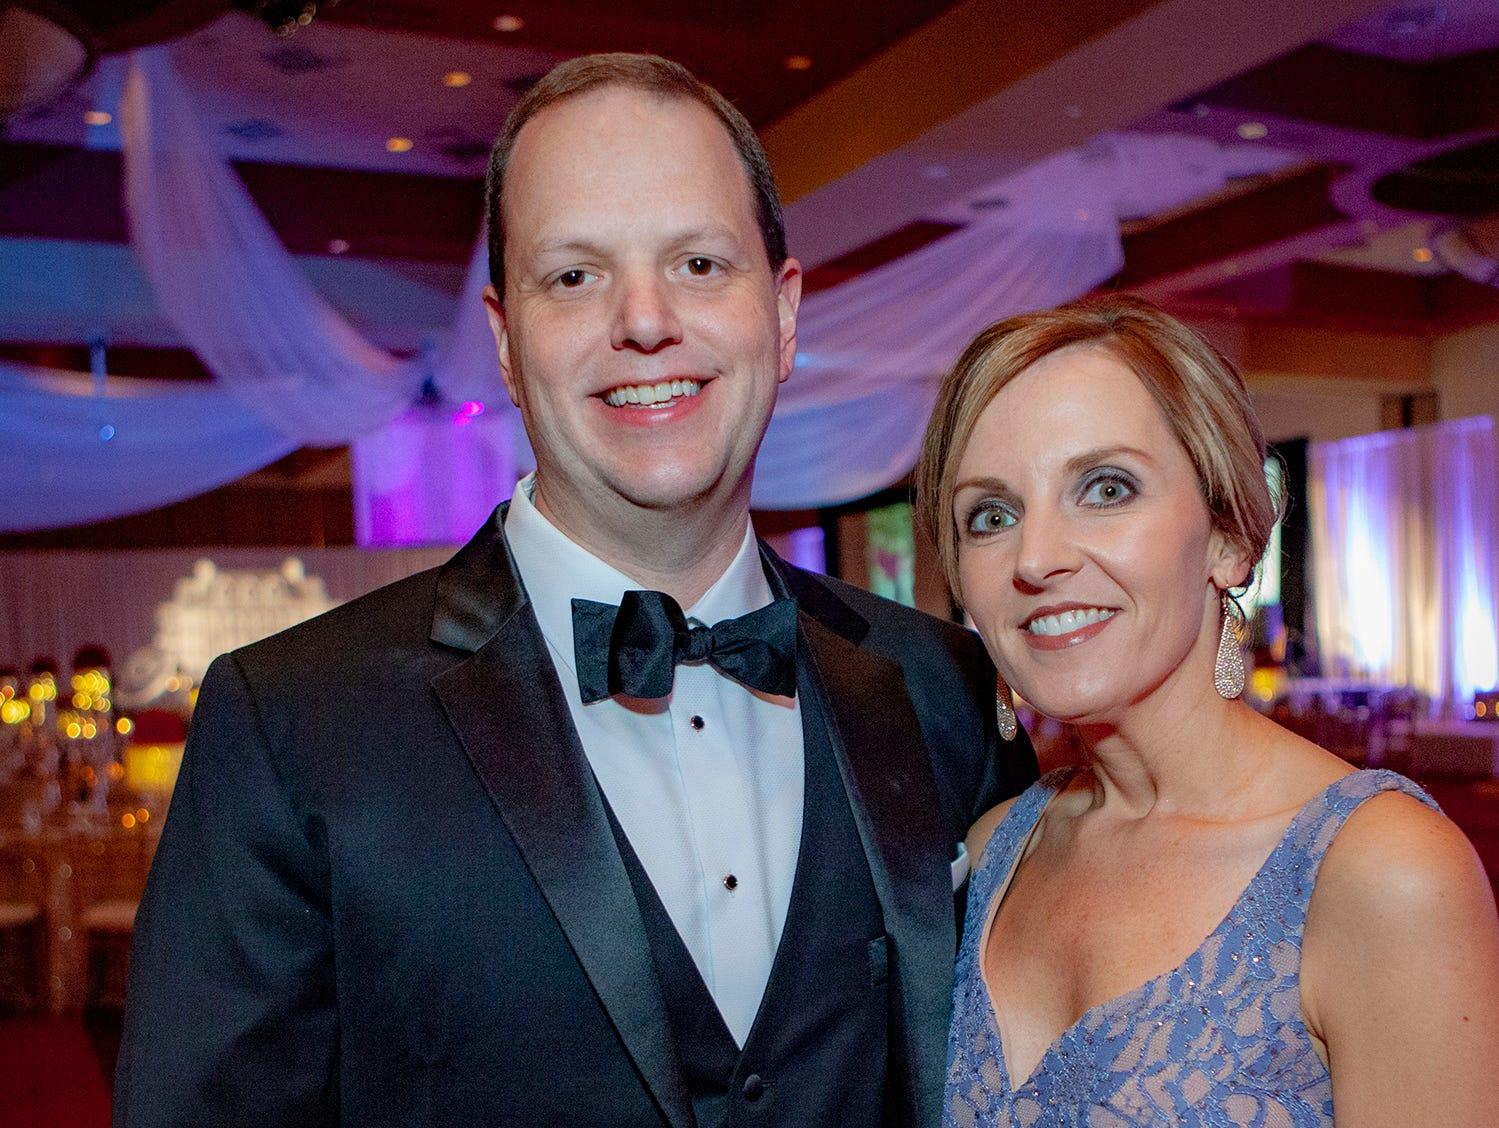 Steven and Sabrina Thomas at the 2019 Saint Thomas Rutherford Foundation Gala on Saturday, Jan. 19, 2019 at Embassy Suites Murfreesboro.